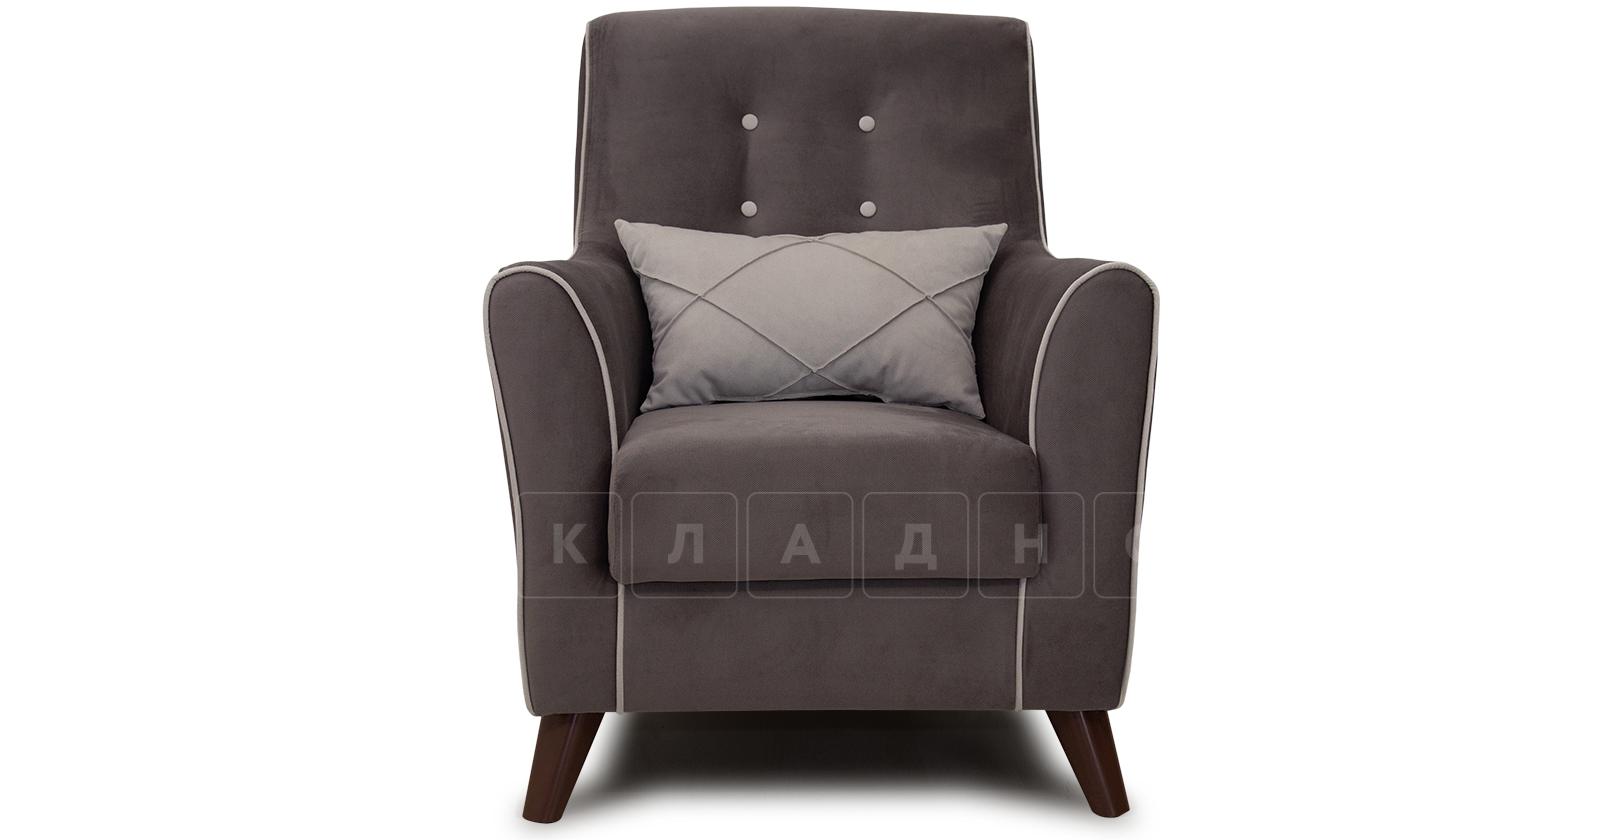 Кресло для отдыха Флэтфорд шоколад фото 2 | интернет-магазин Складно